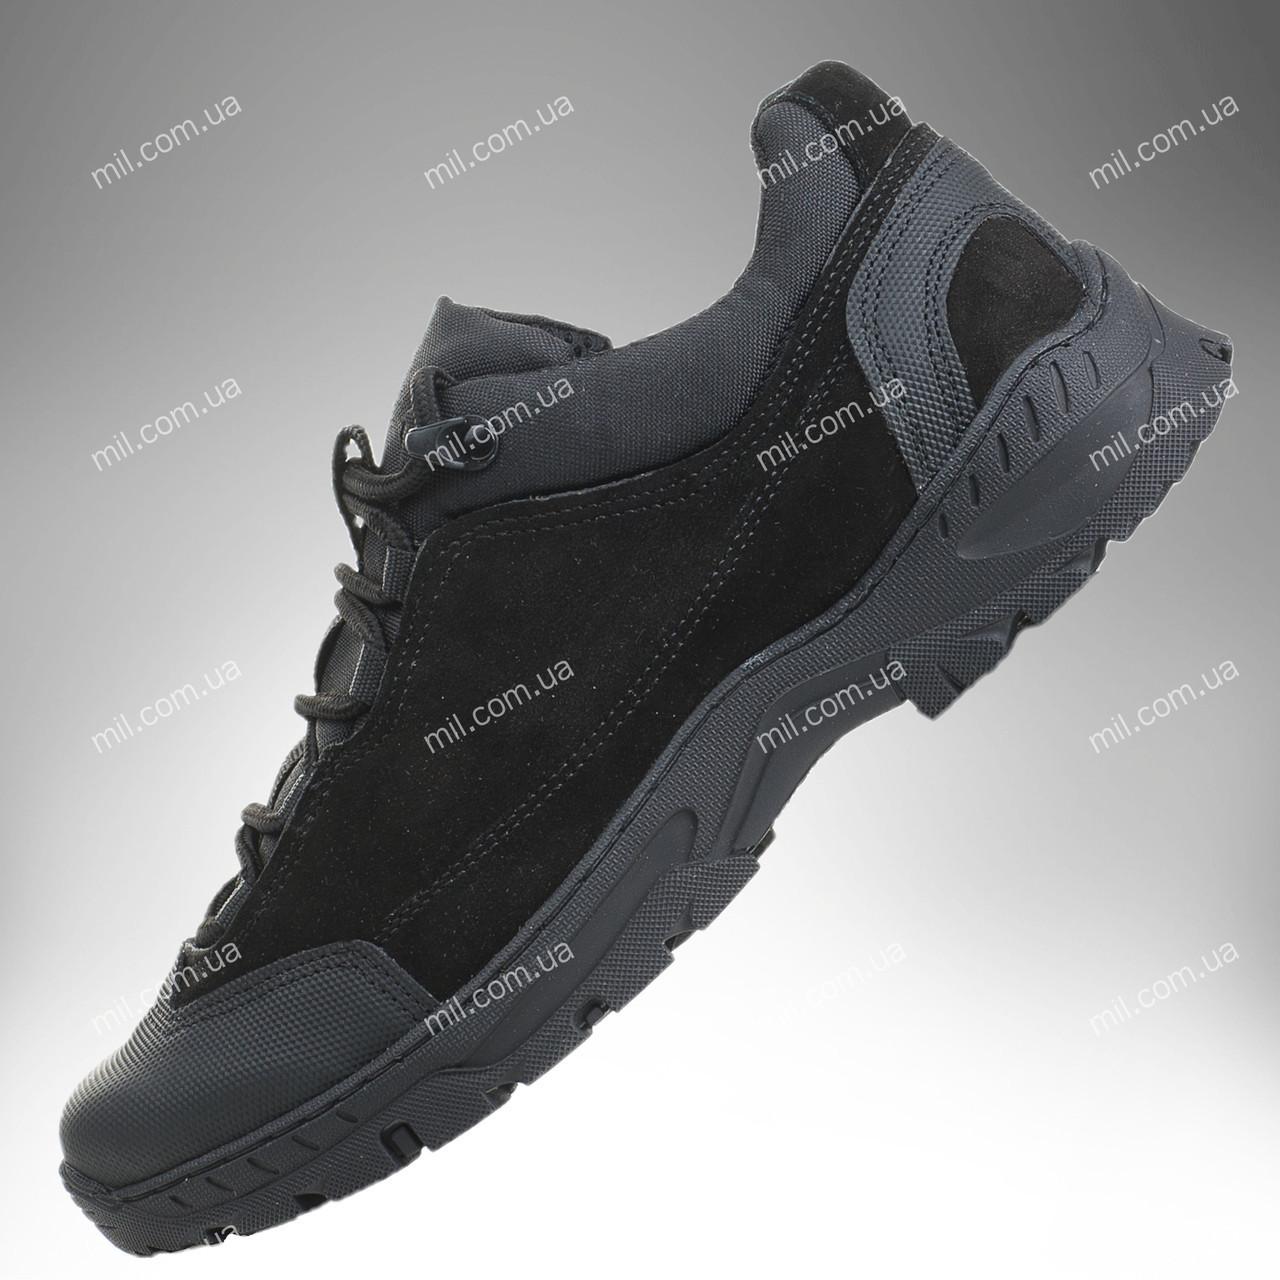 ⭐⭐Тактические кроссовки / демисезонная военная обувь Trooper SHADOW (black) | военные кроссовки, тактические